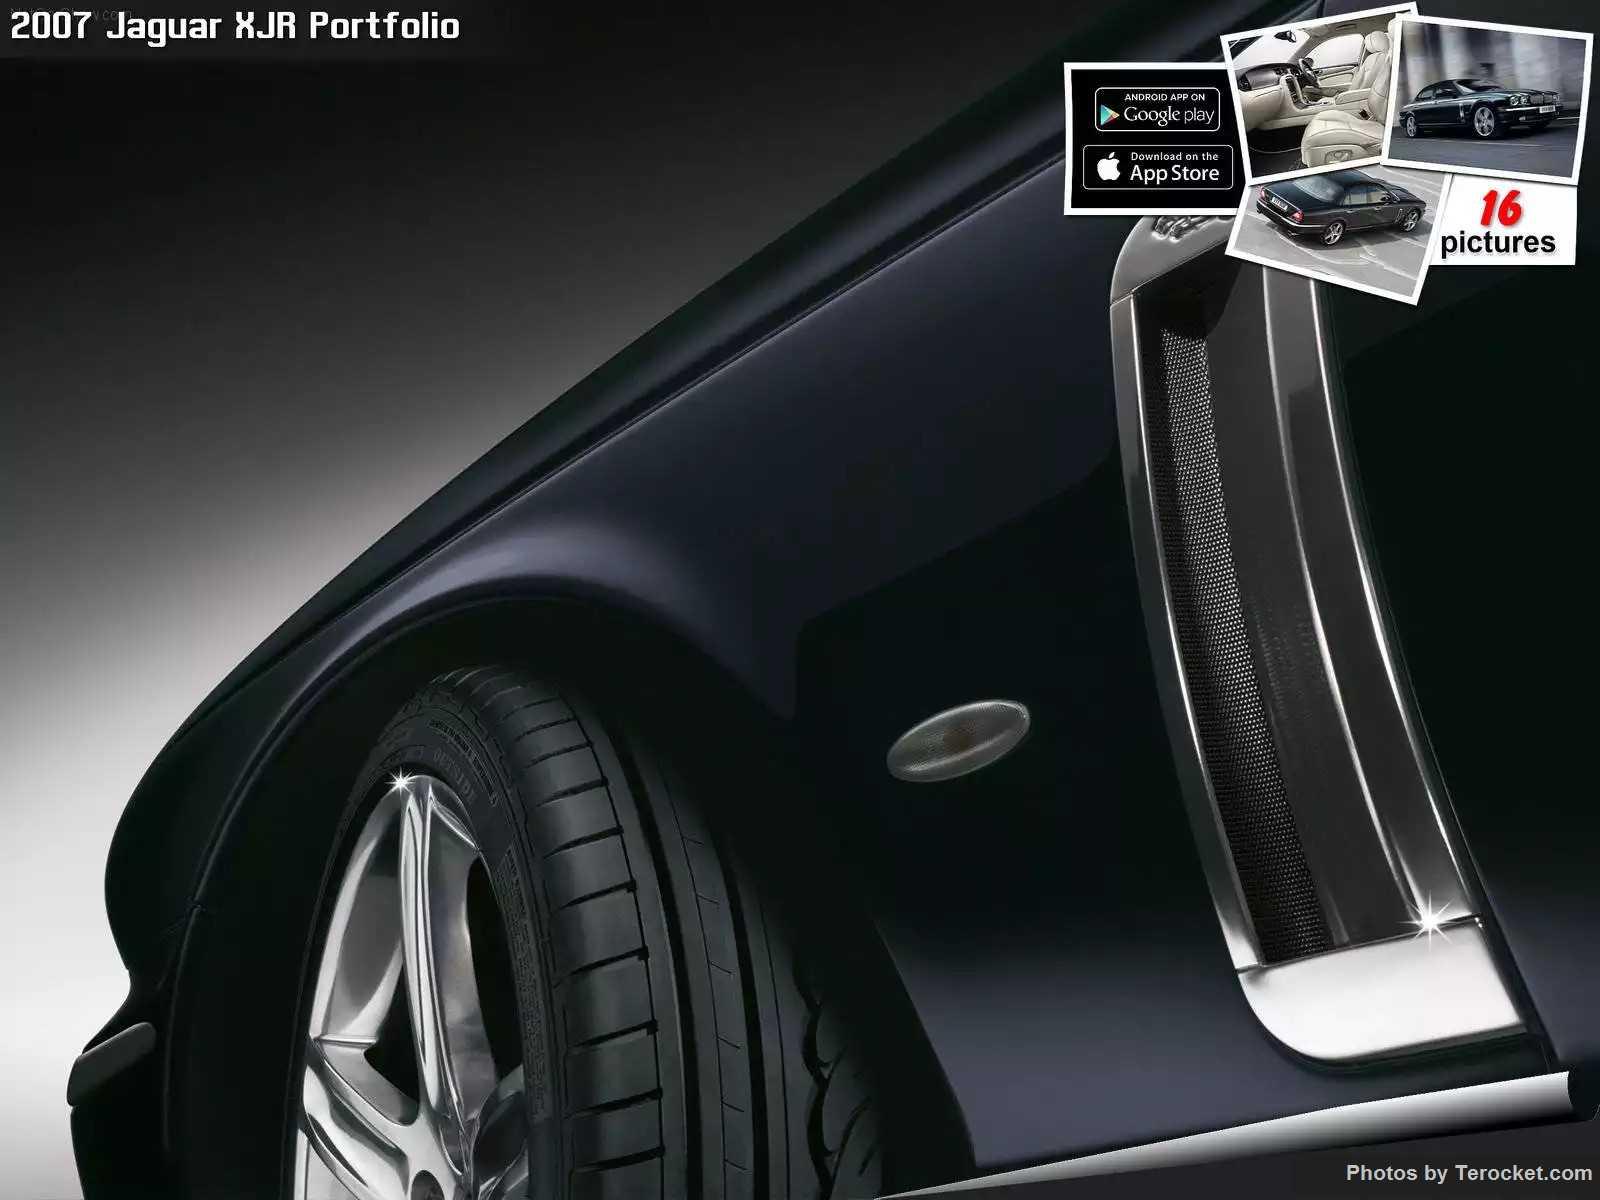 Hình ảnh xe ô tô Jaguar XJR Portfolio 2007 & nội ngoại thất